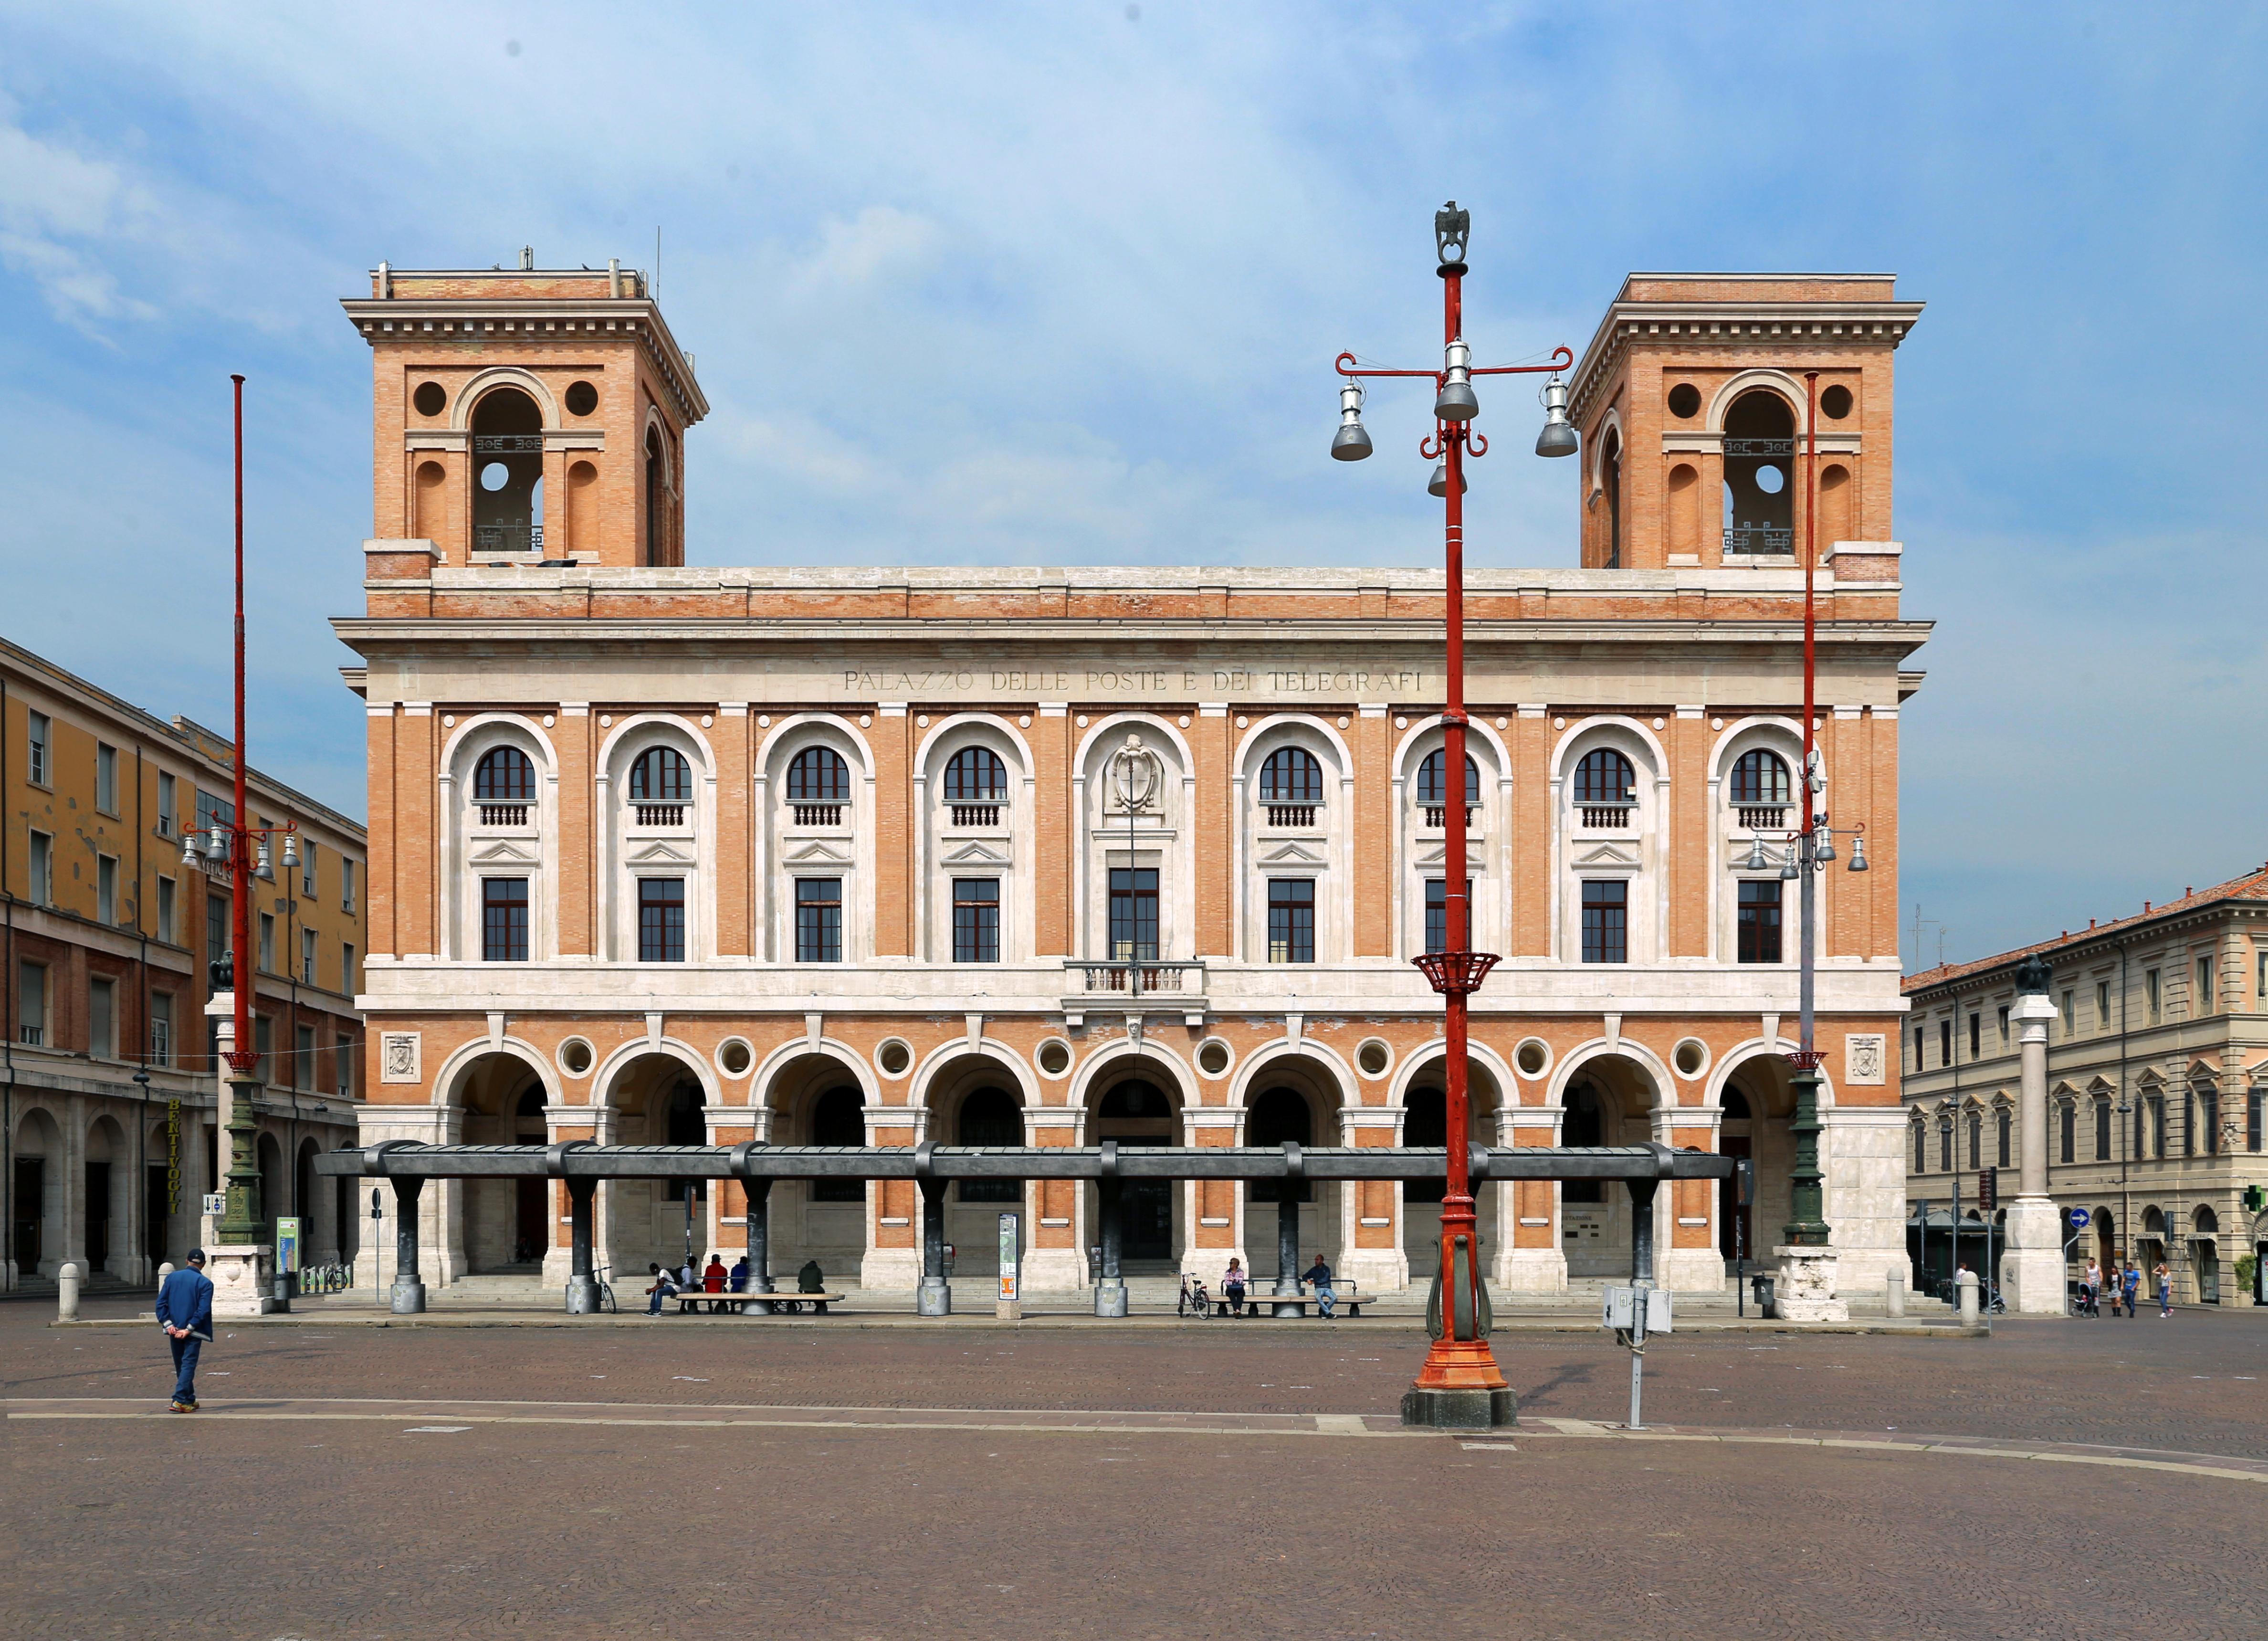 Piazza Della Misura Forli.File Forli Piazza Aurelio Saffi Poste E Telegrafi 02 Jpg Wikipedia